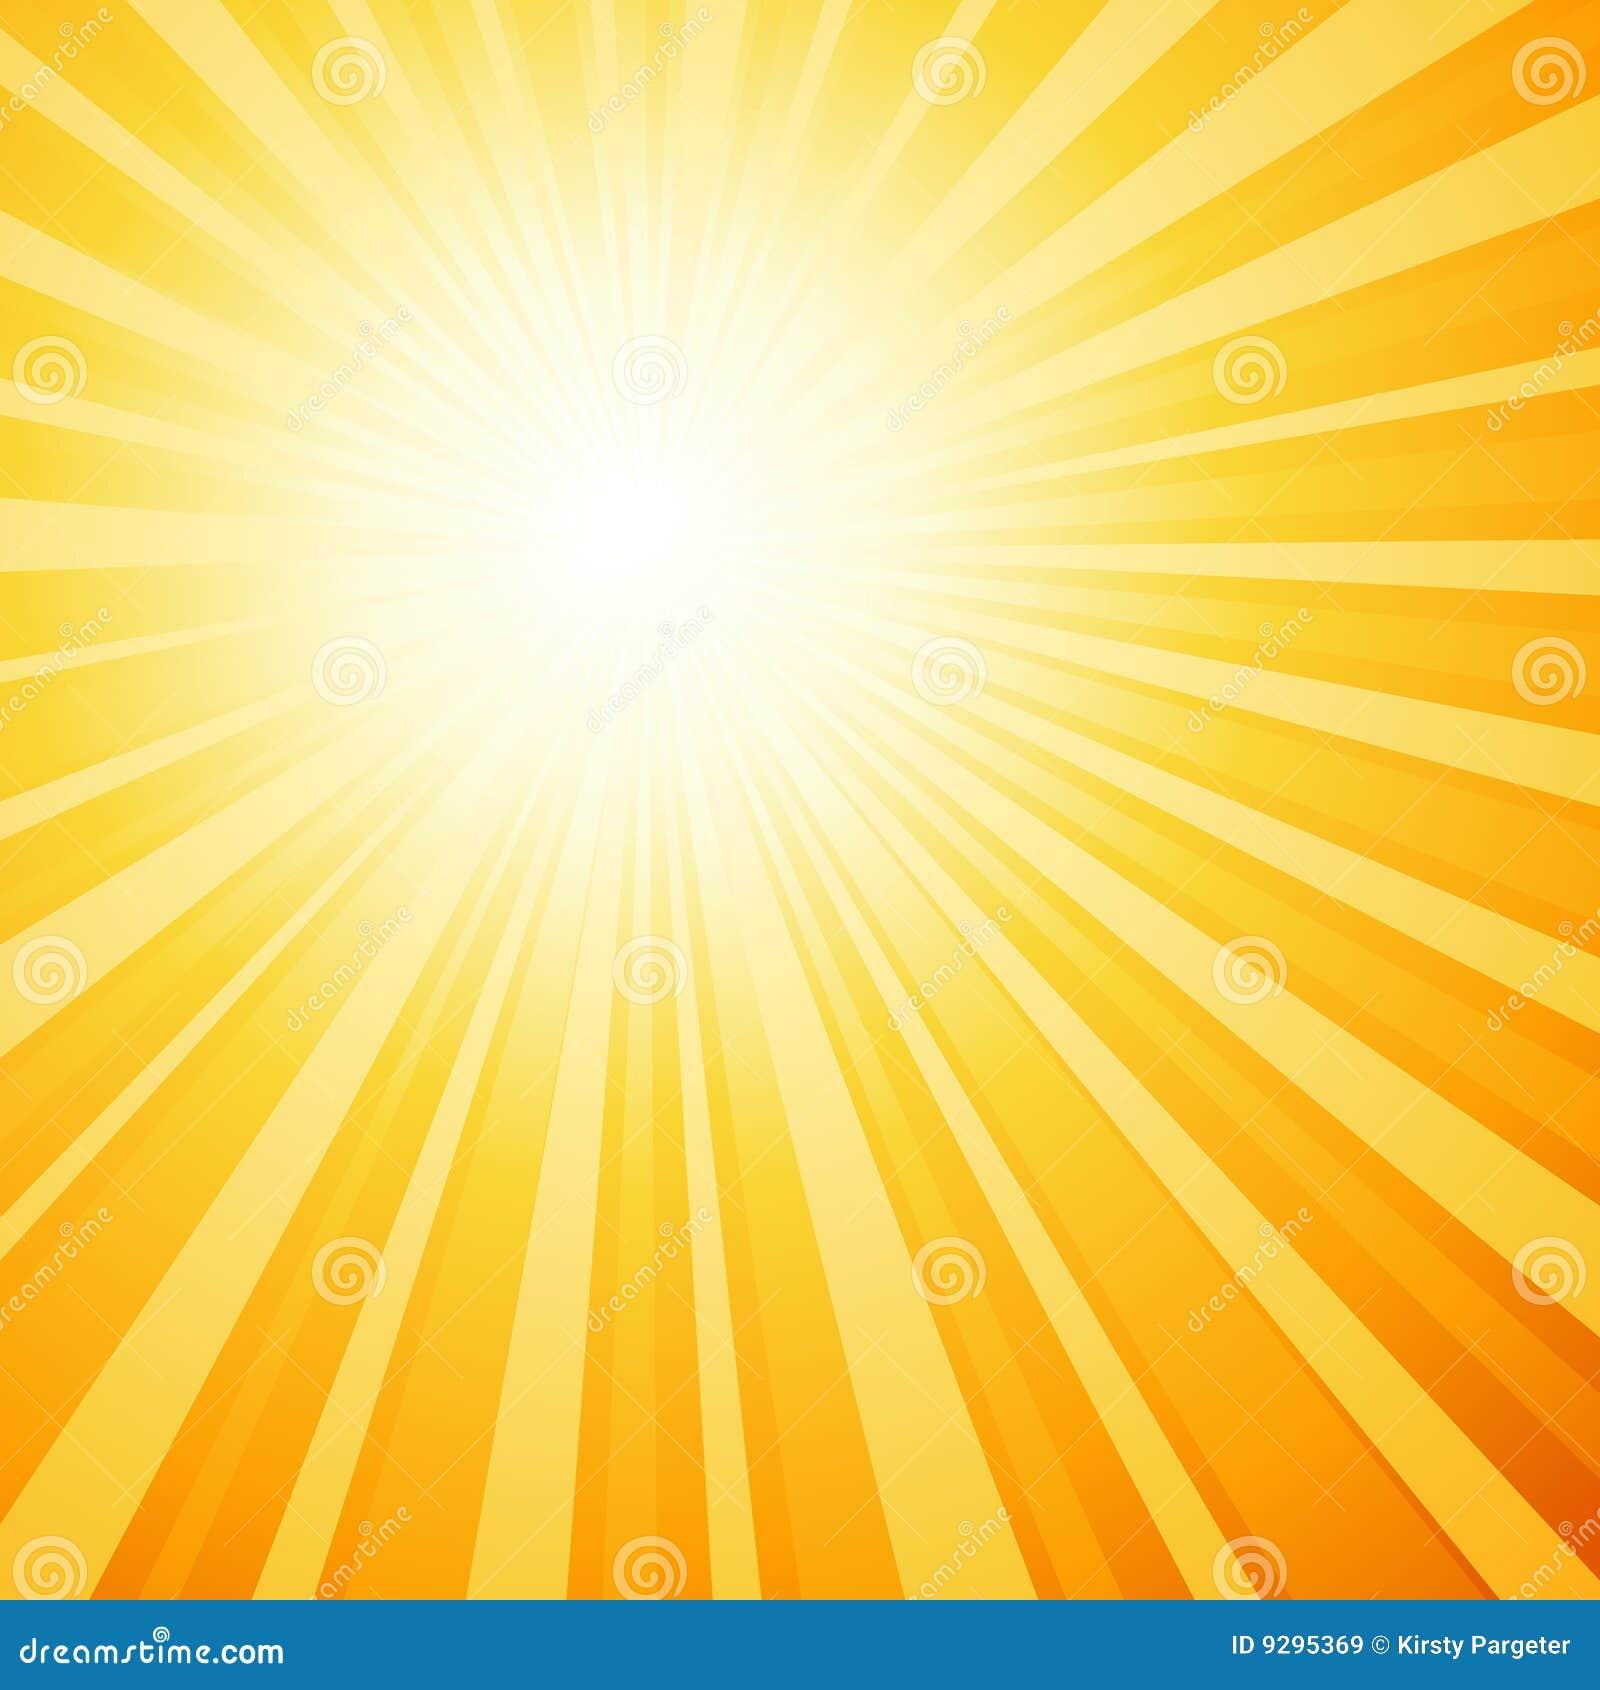 Sunburst Royalty Free Stock Images